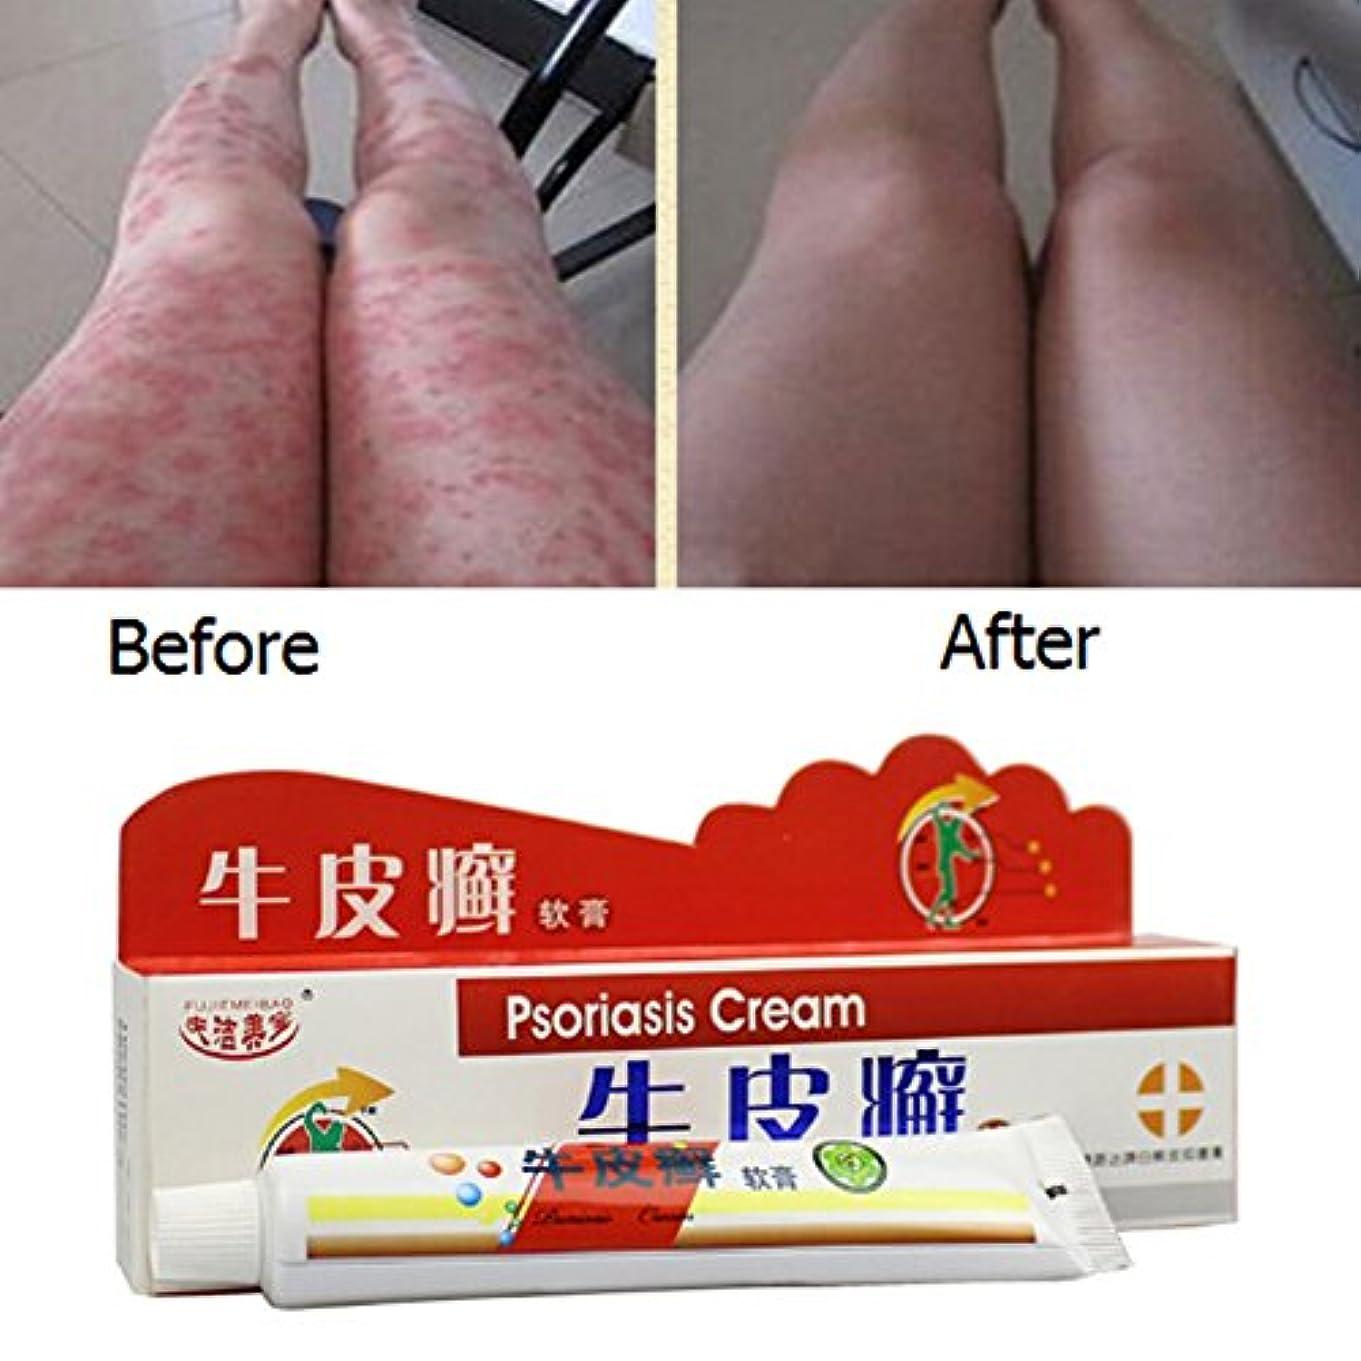 温度計寸前夜明けにBalai 乾癬クリーム 中国のハーブ抗菌軟膏クリーム 湿疹乾癬 治療かゆみ止めクリーム